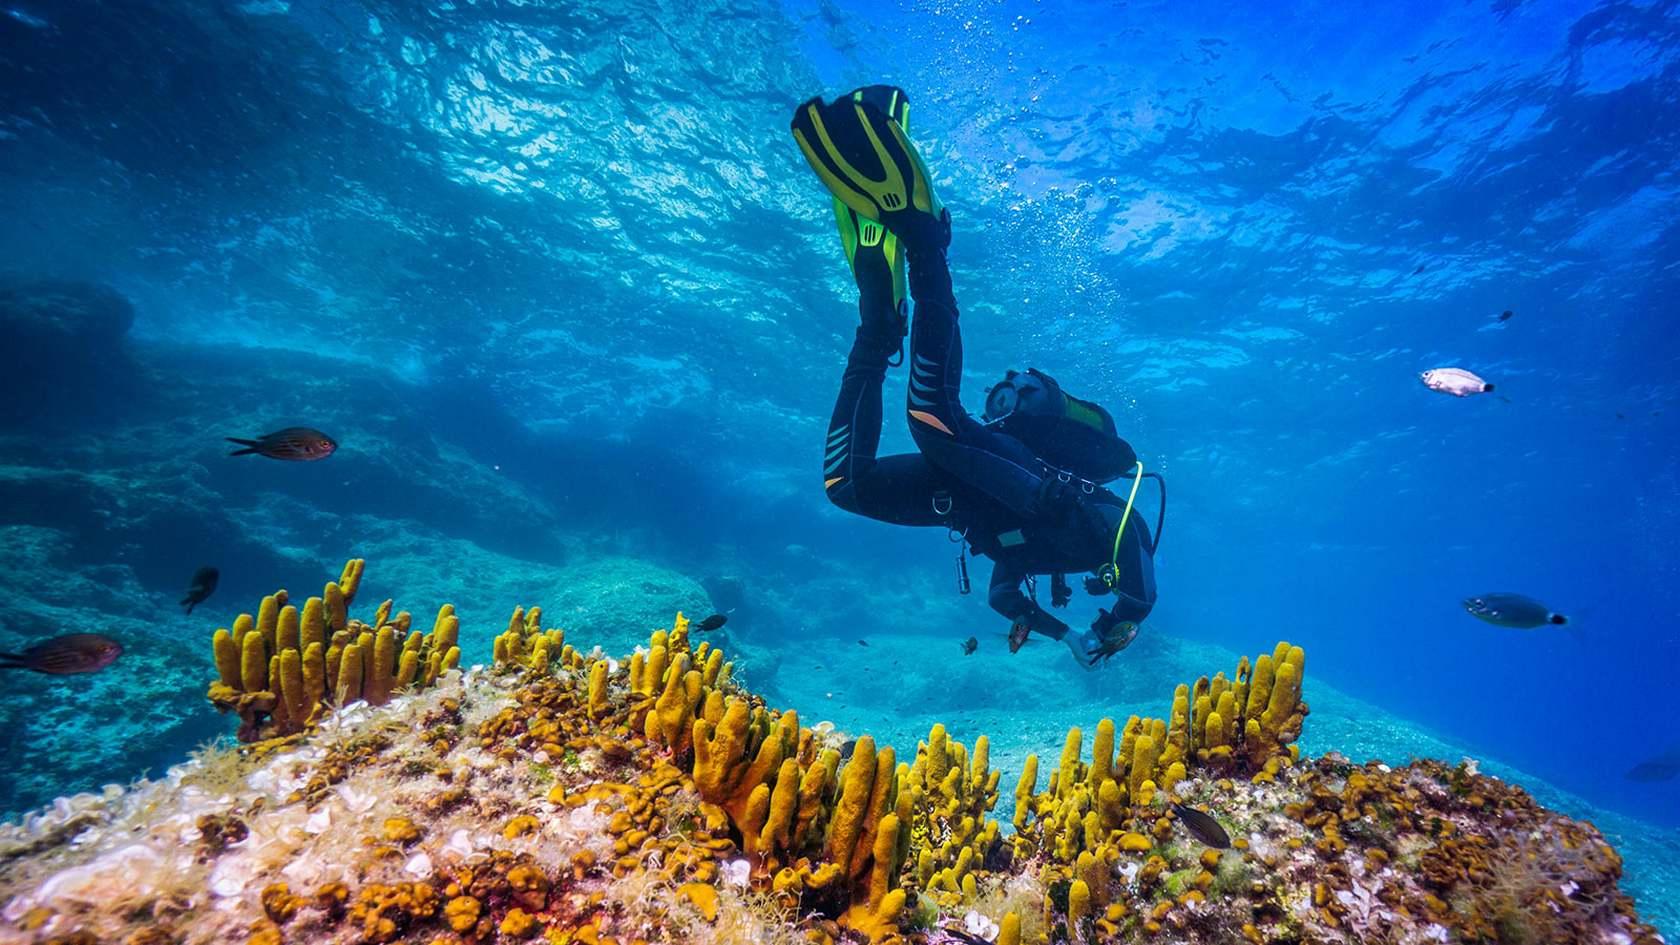 ТОП-5 фактов о «подводной империи» — чего мы не знаем про кабели, которые лежат на дне океанов